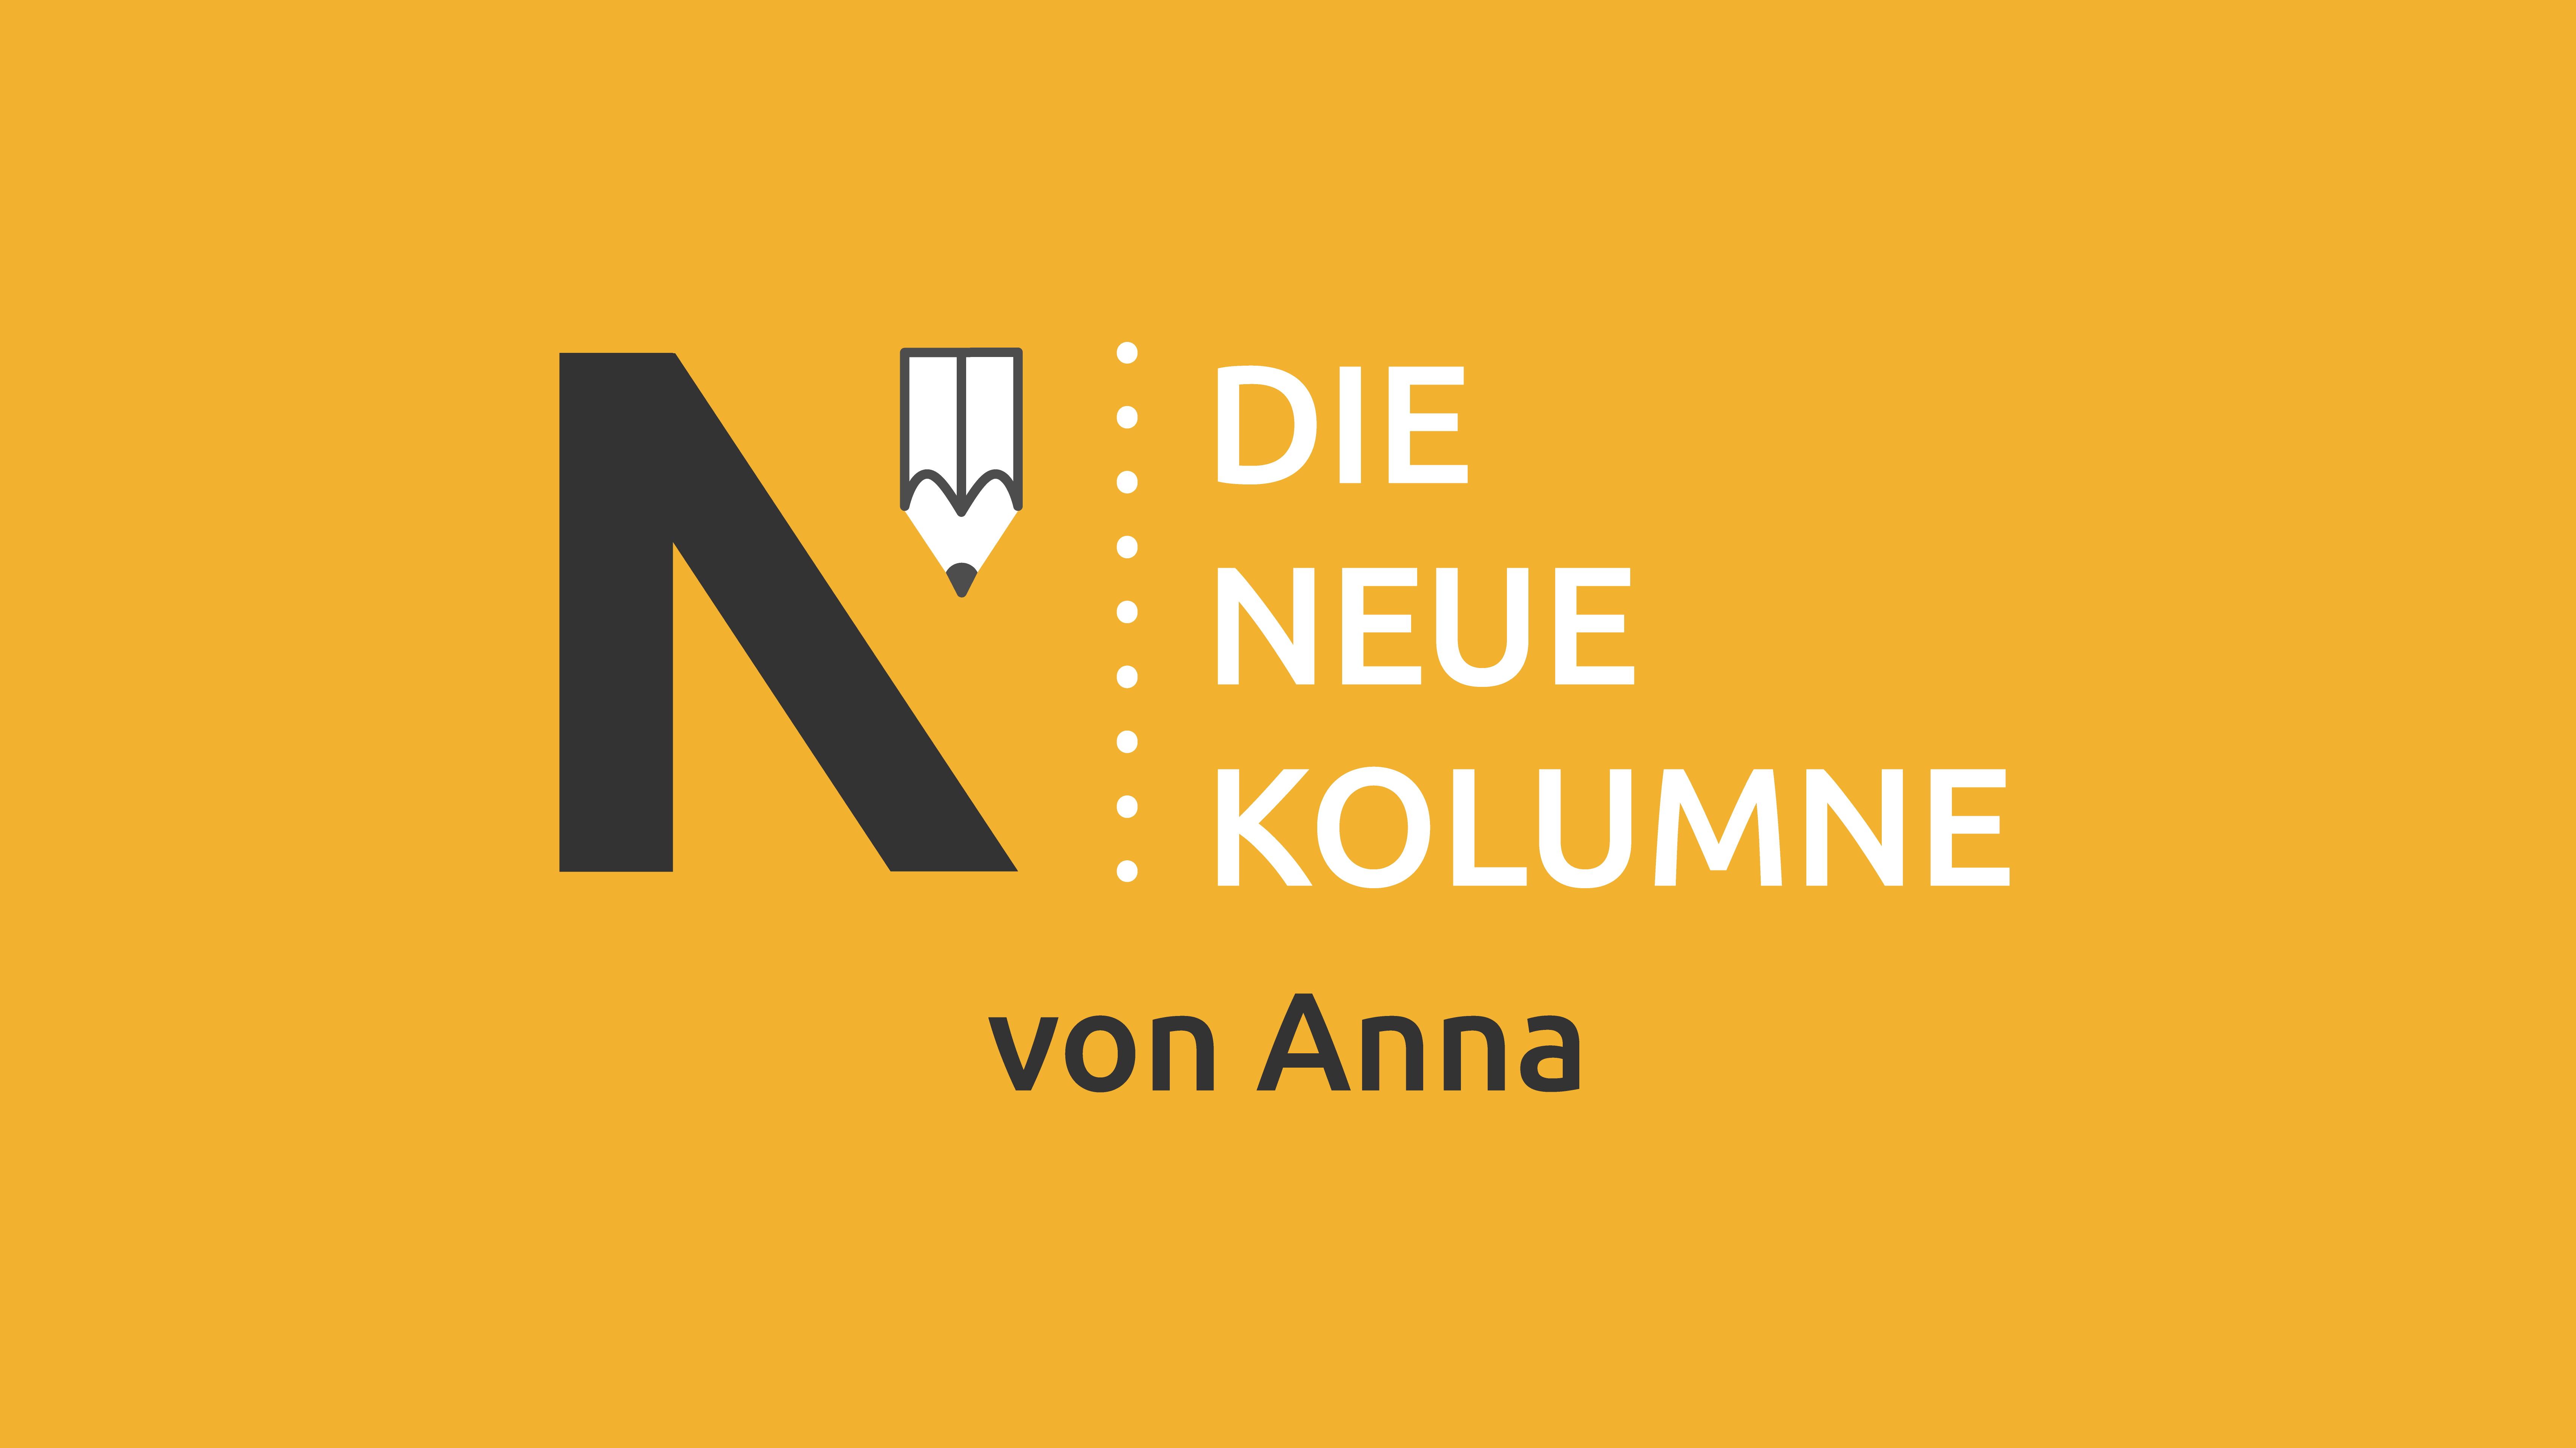 Das Logo von Die Neue Norm auf gelbem Grund. Rechts davon steht: Die Neue Kolumne. Unten steht: Von Anna.